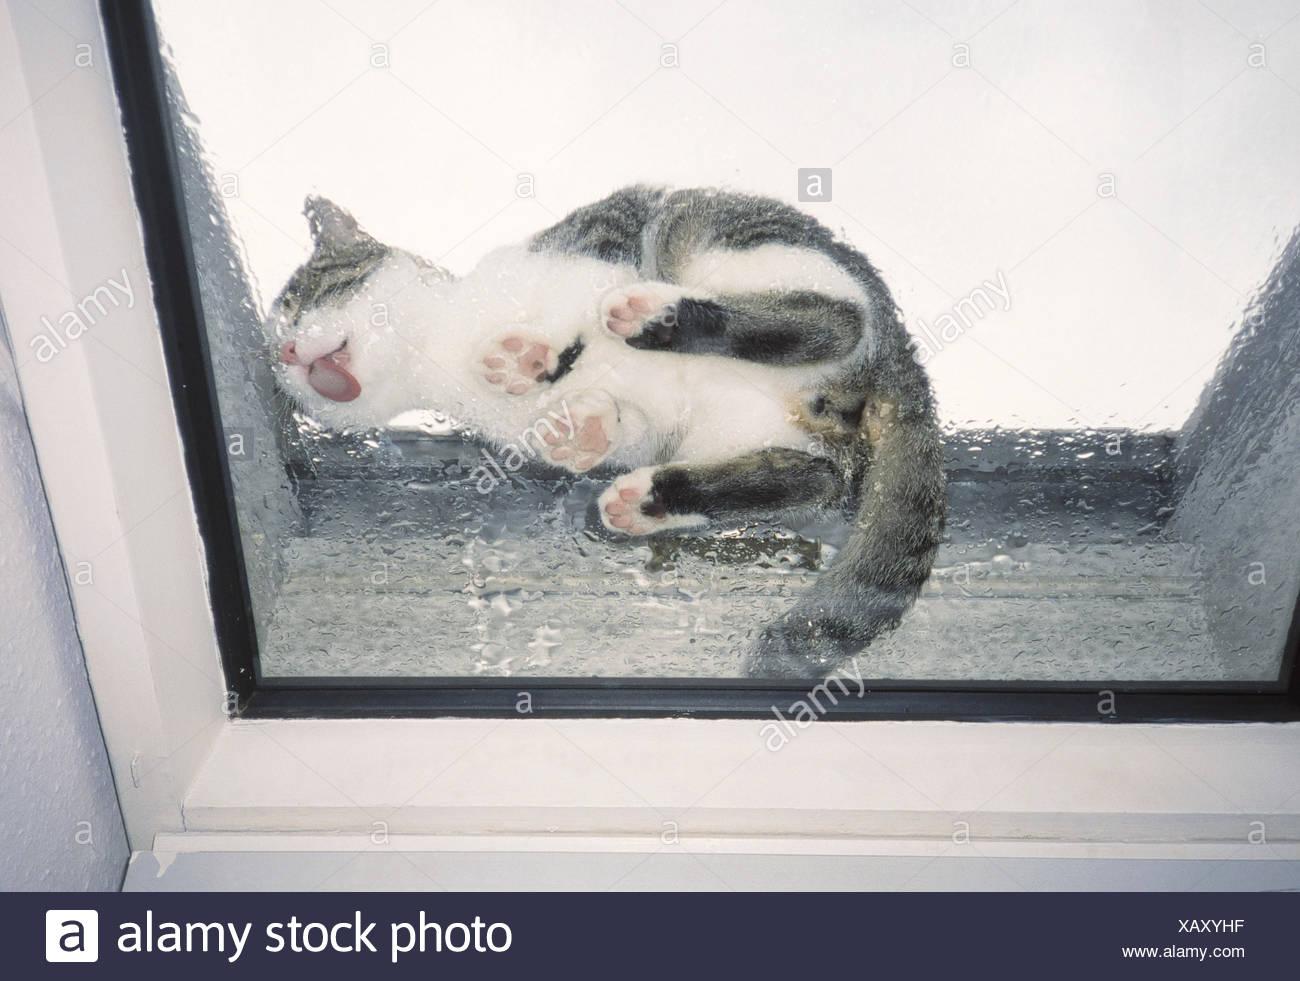 Les Lucarnes, Humide, Cat, Goutte, De Fuite, D'en Bas, D encequiconcerne Les Animaux Domestiques En Maternelle